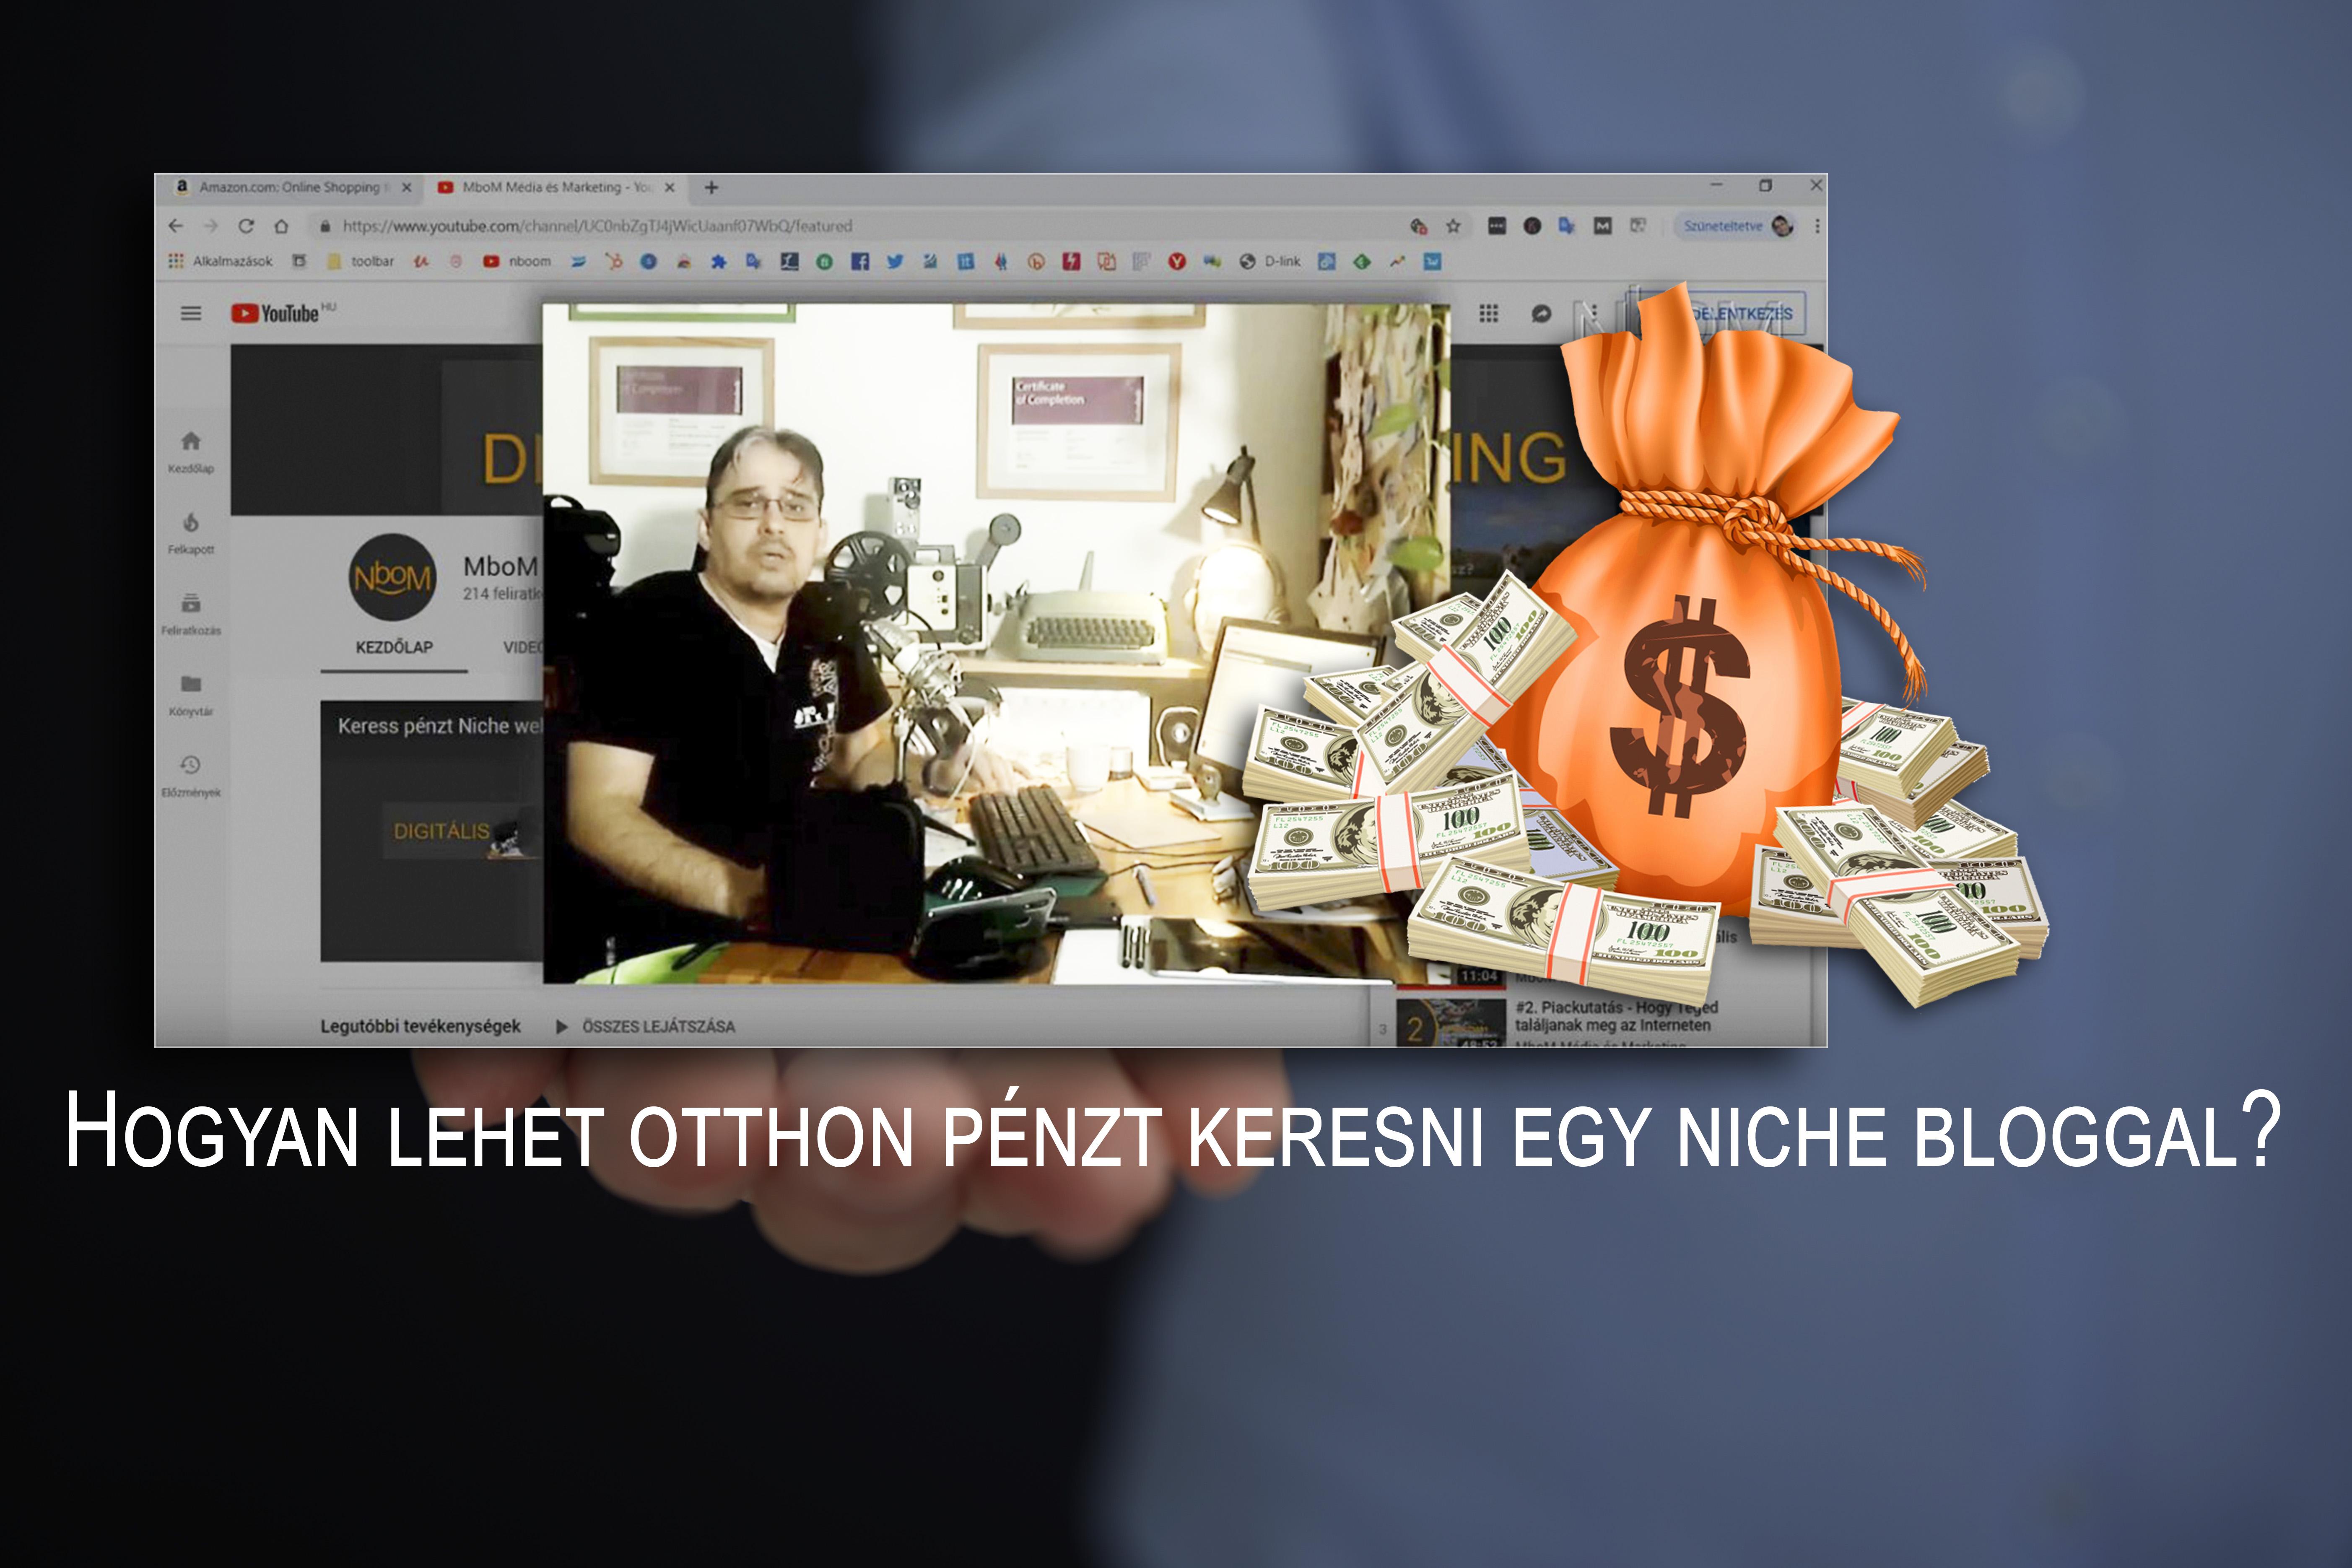 hogyan lehet pénzt keresni a neten